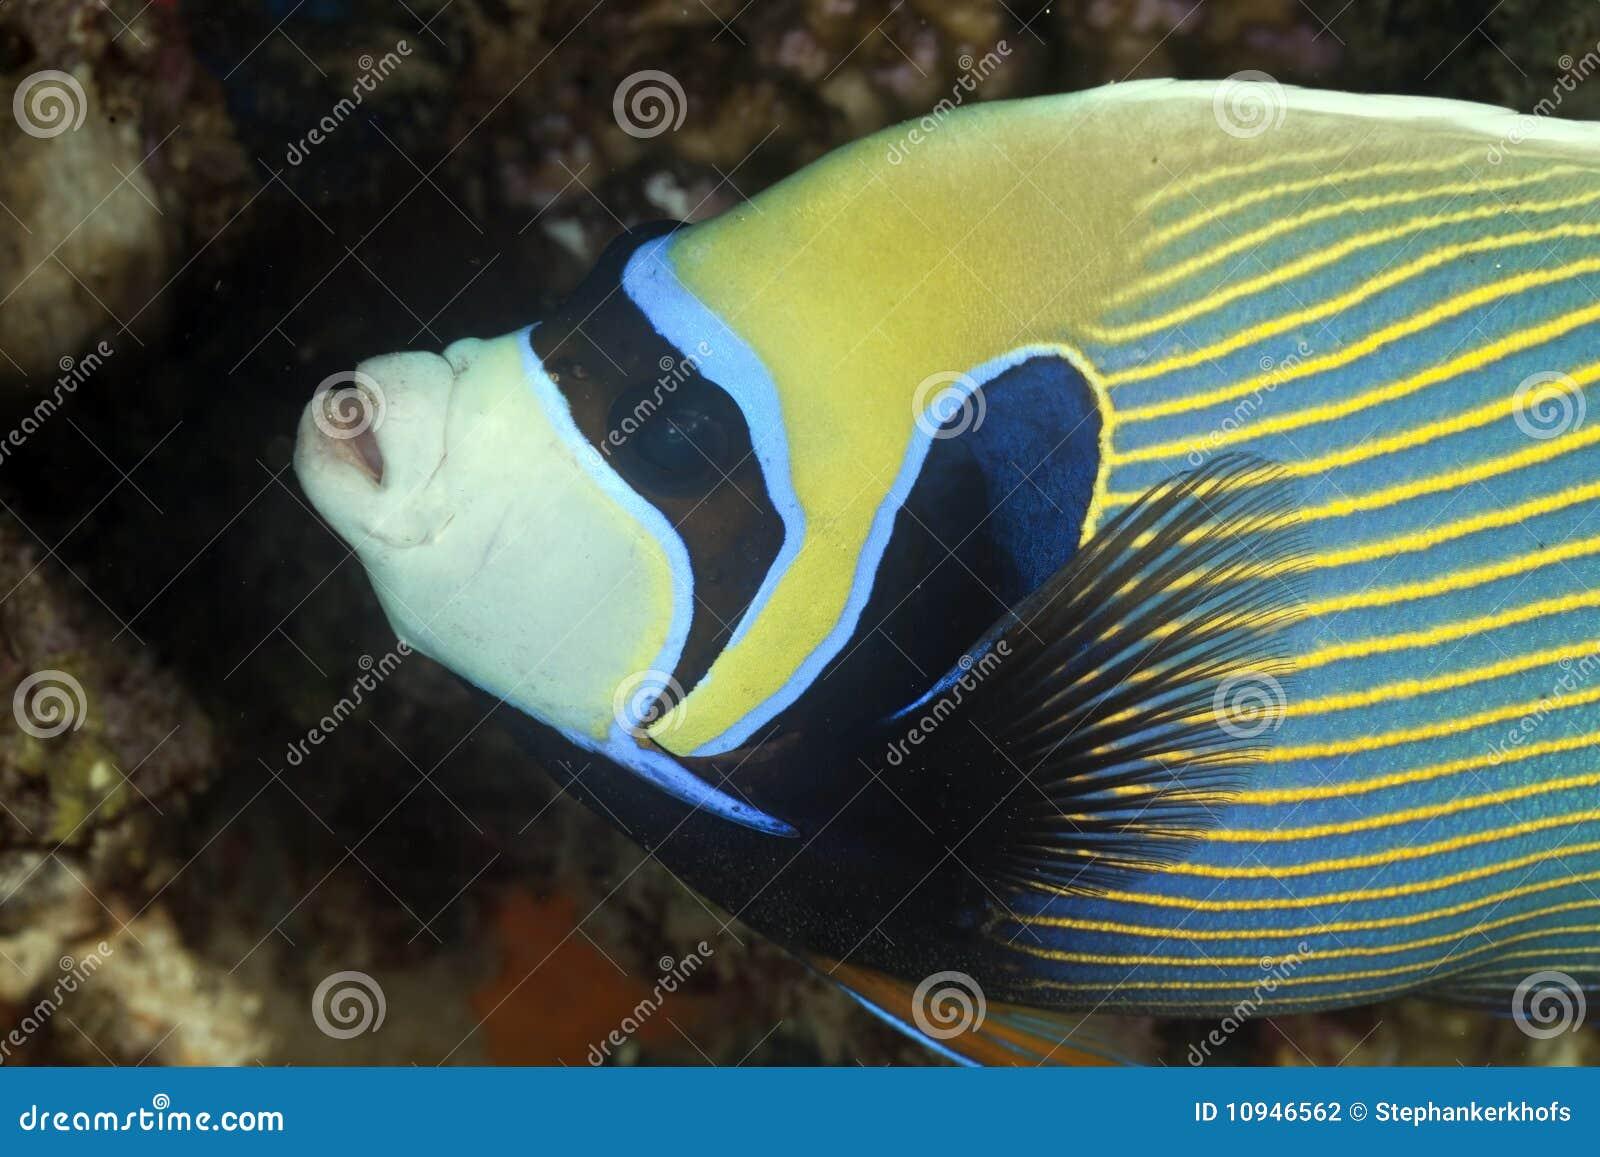 Angelfish emperor